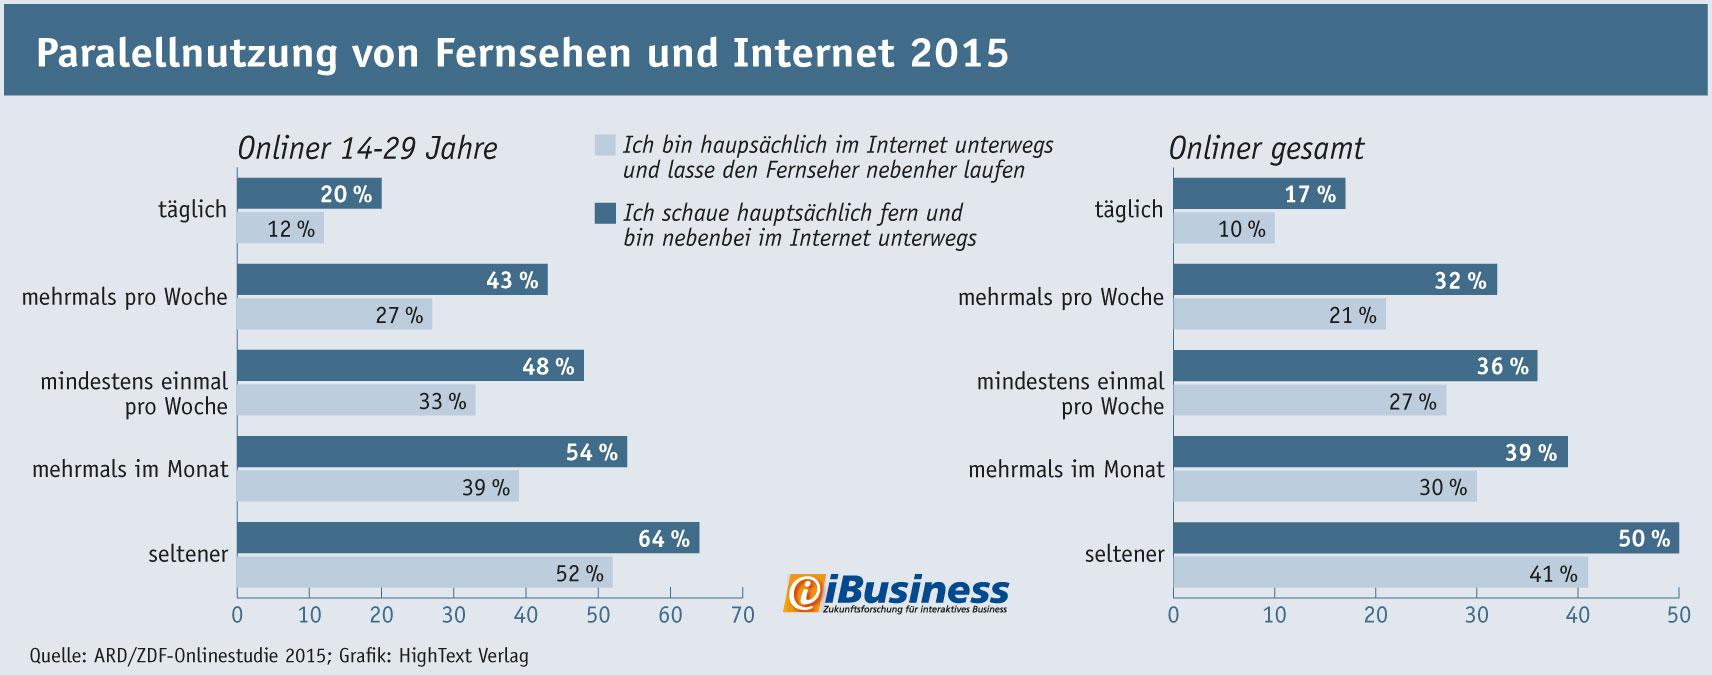 Infografik Second Screen: Parallelnutzung von Fernsehen und Internet nach Altersgruppen in Deutschland 2015